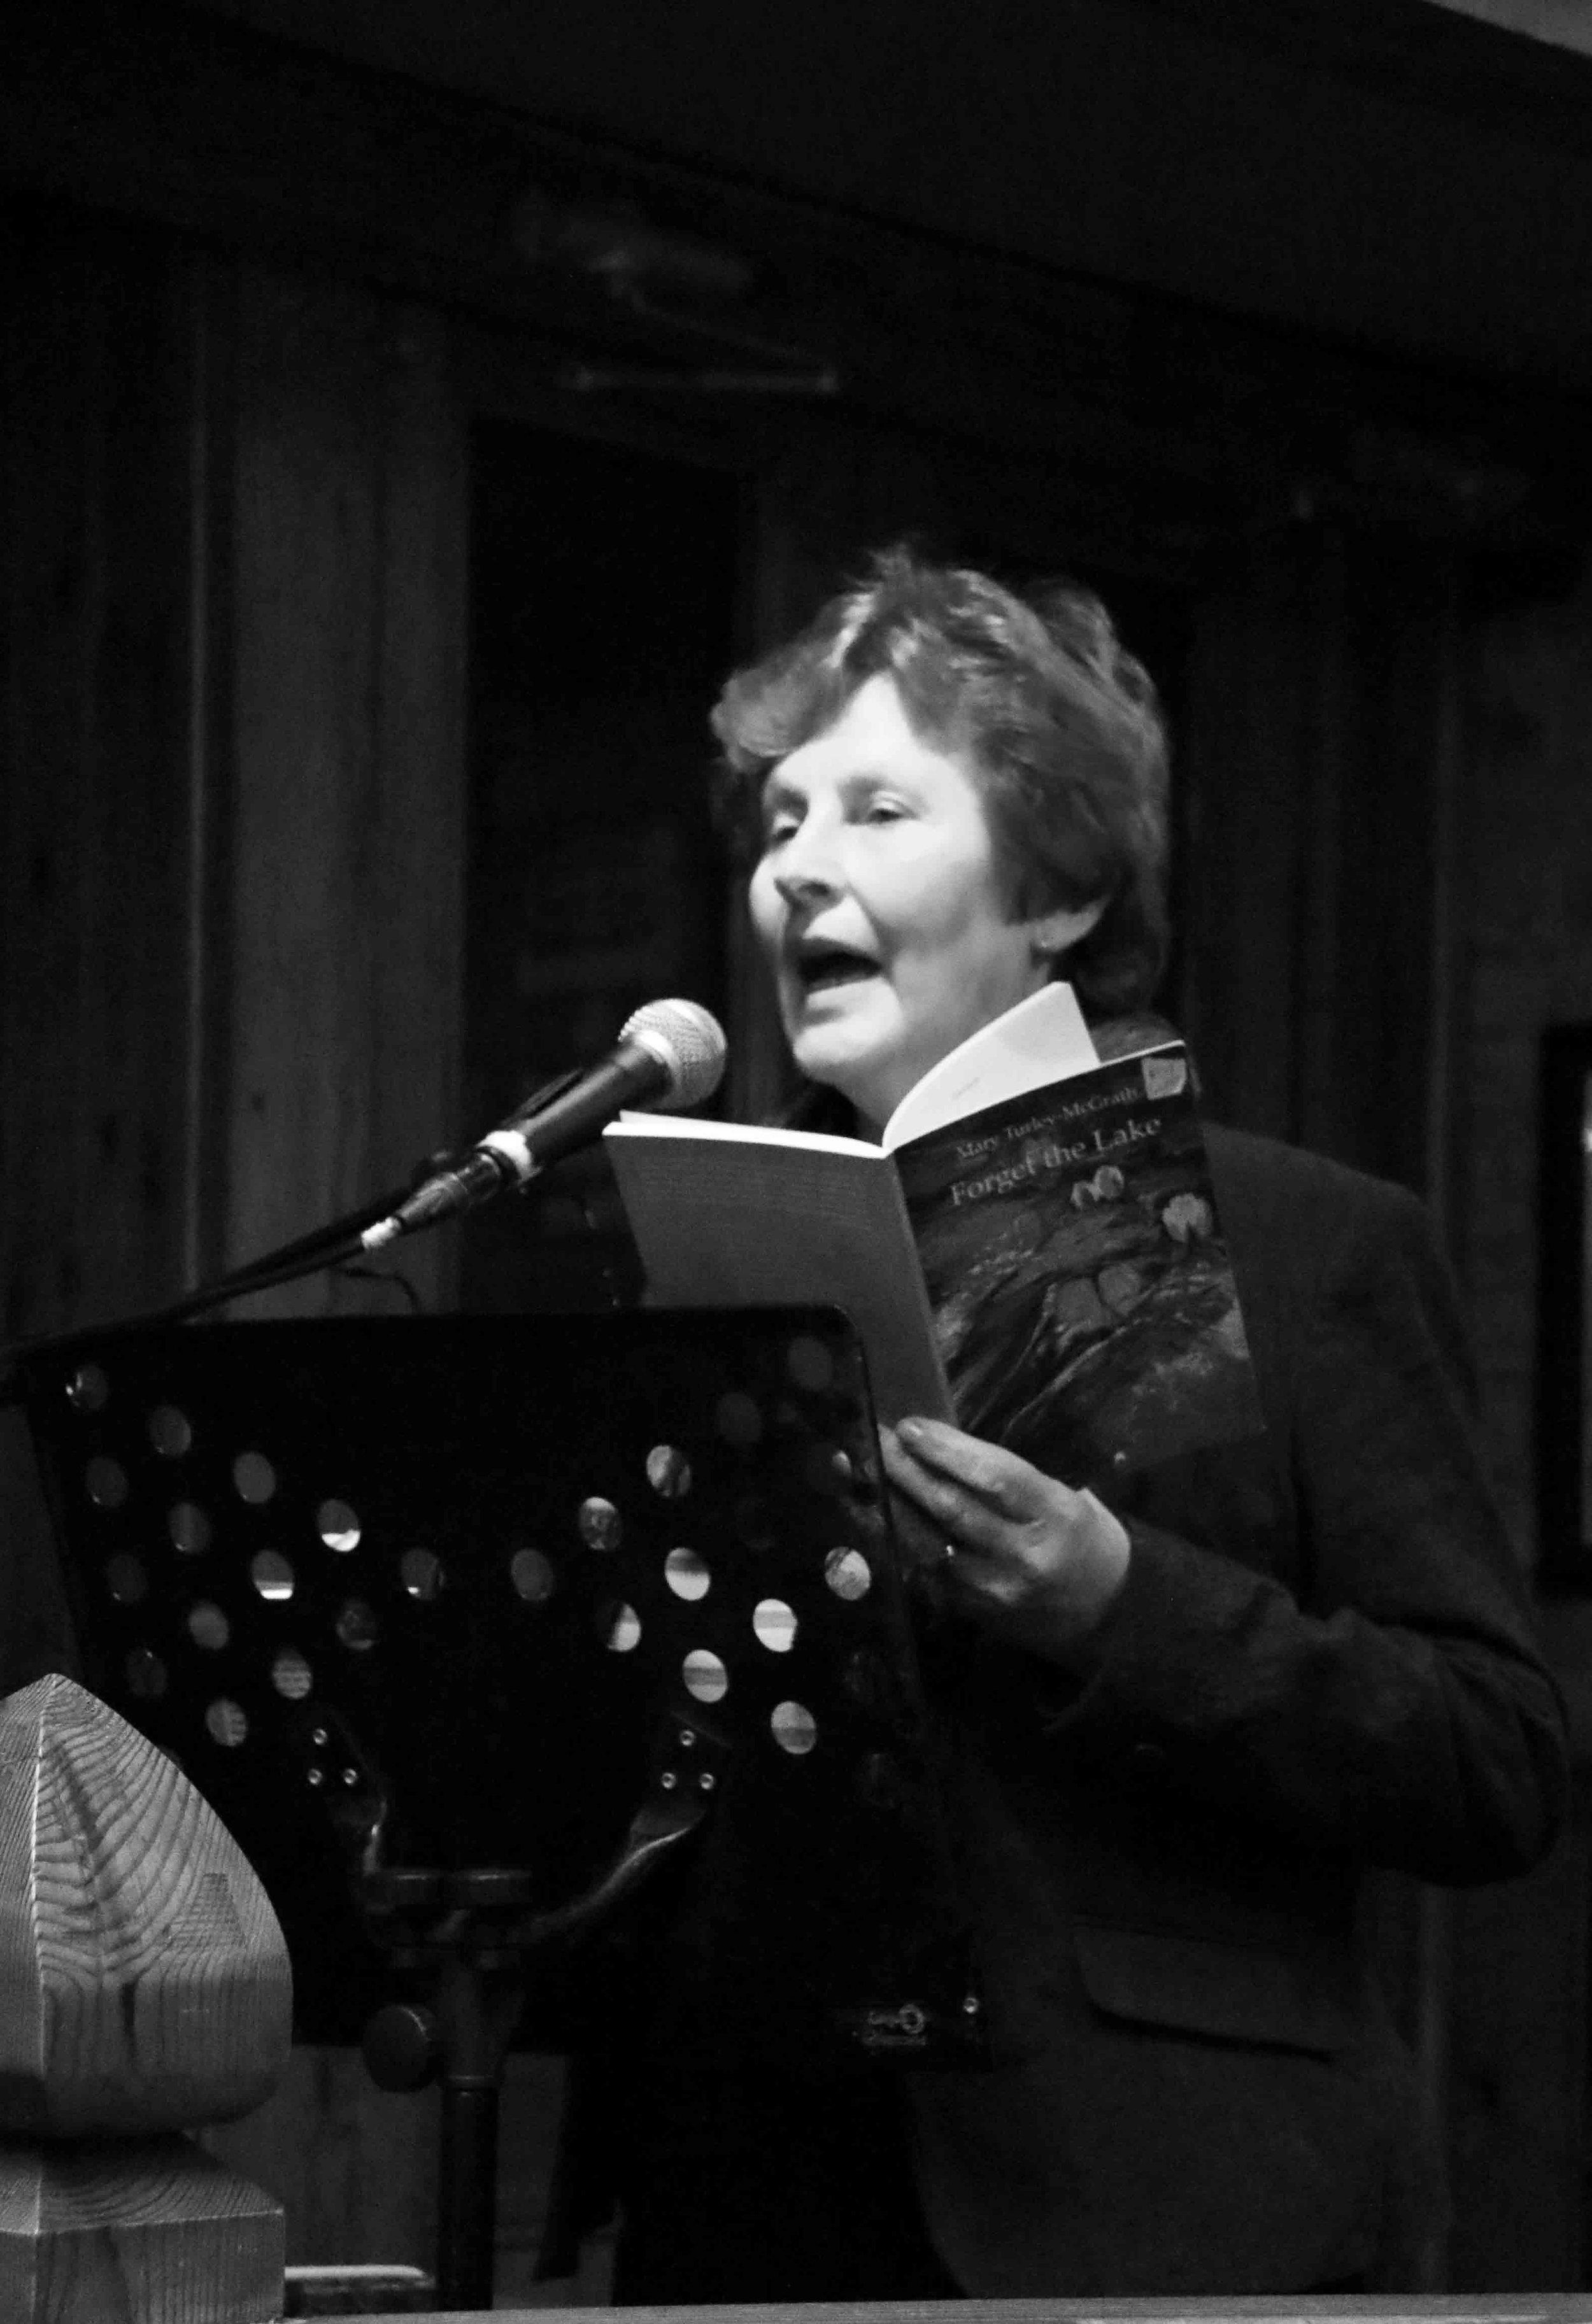 Poetry Reading with Mick Delap - Allingham Festival 2016, Ballyshannon-13.jpg